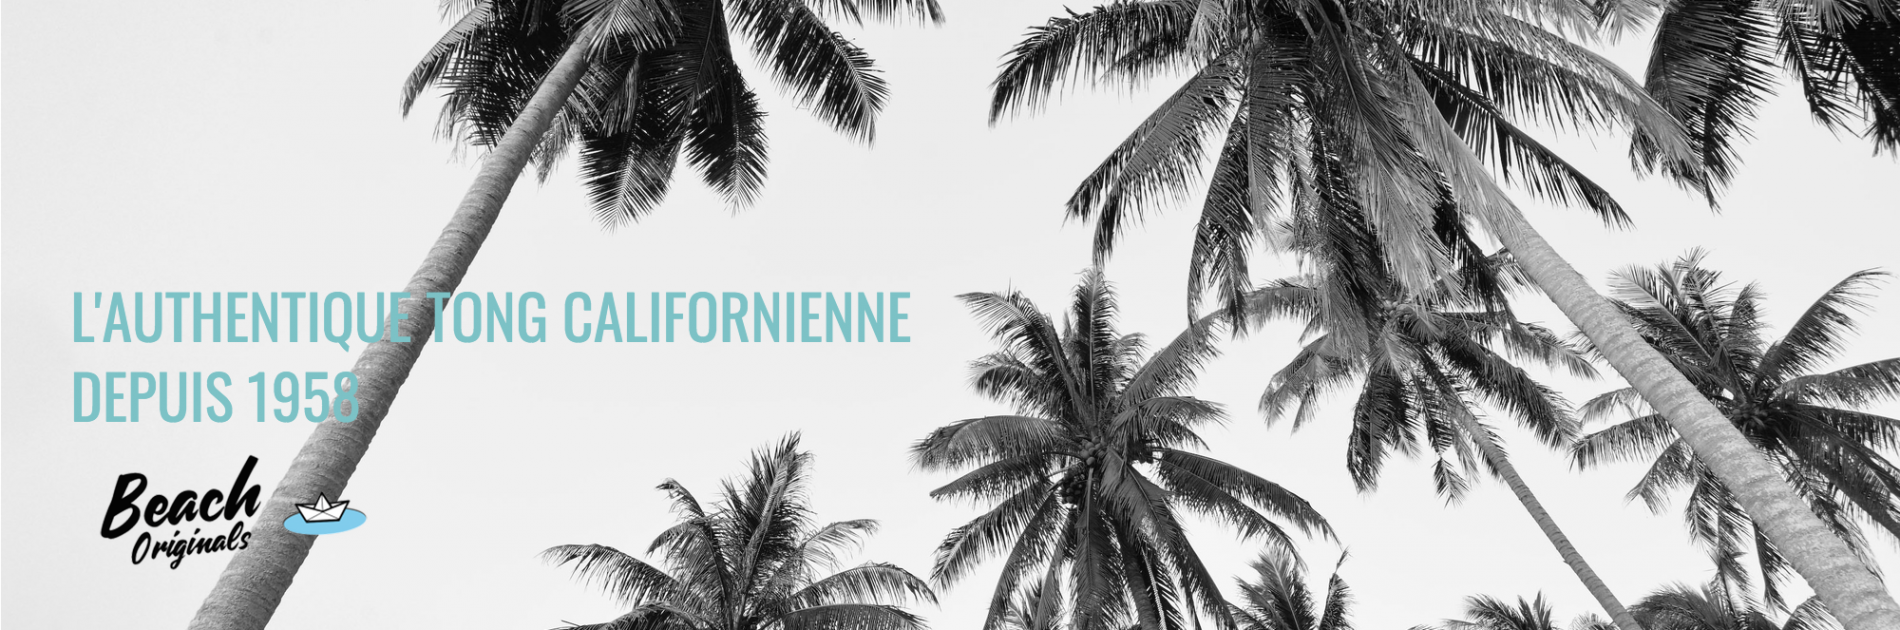 page d'accueil bureau Beach Originals sur fond de palmiers, texte couleur bleu lagon original et logo